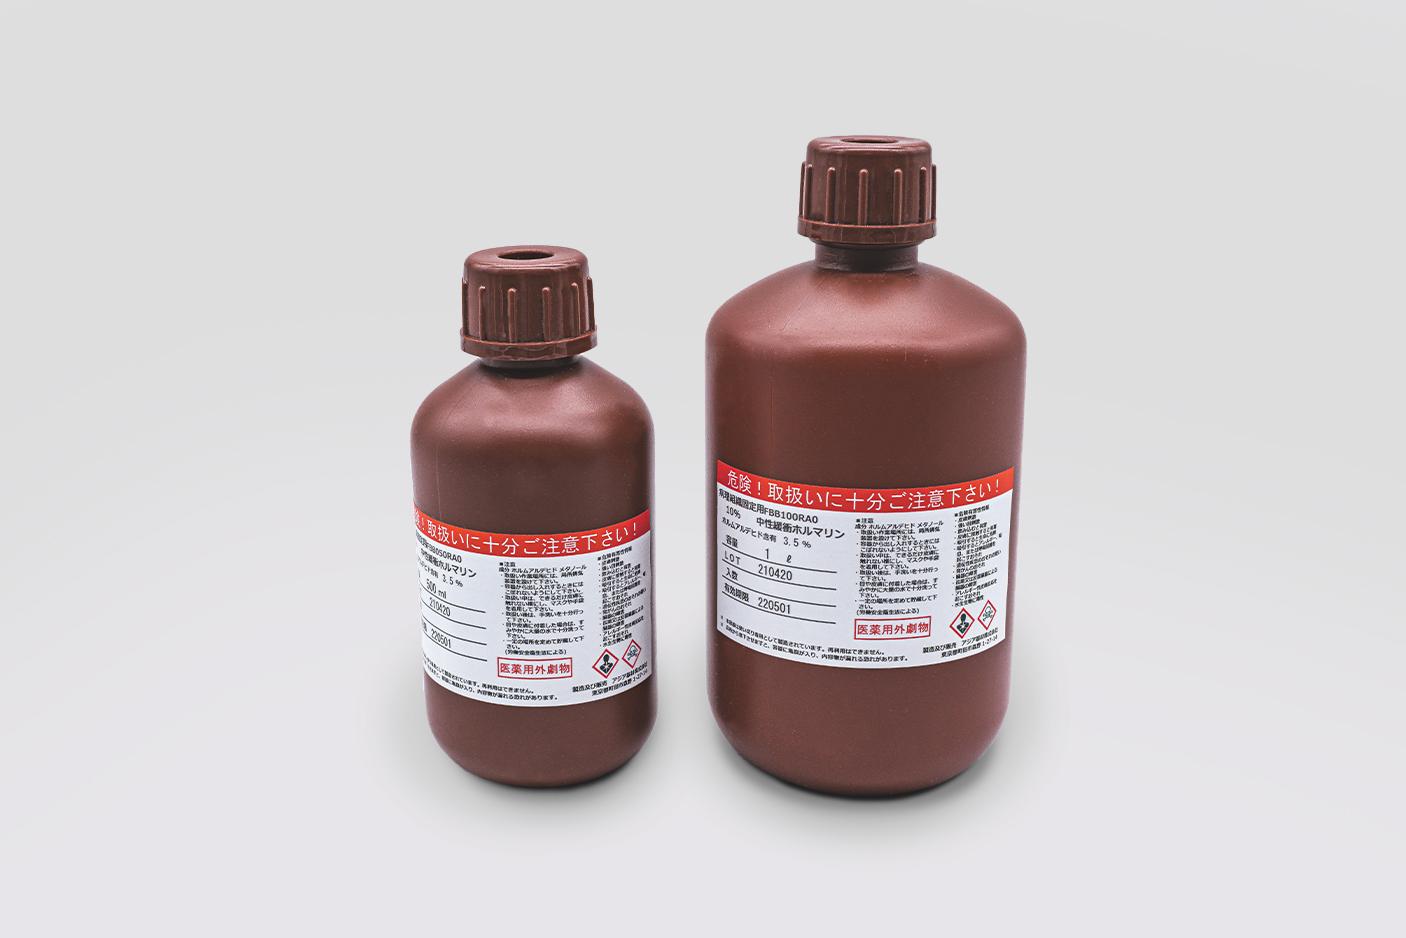 ホルマリン 500ml 1L 中性緩衝ホルマリン 固定用 ボトル